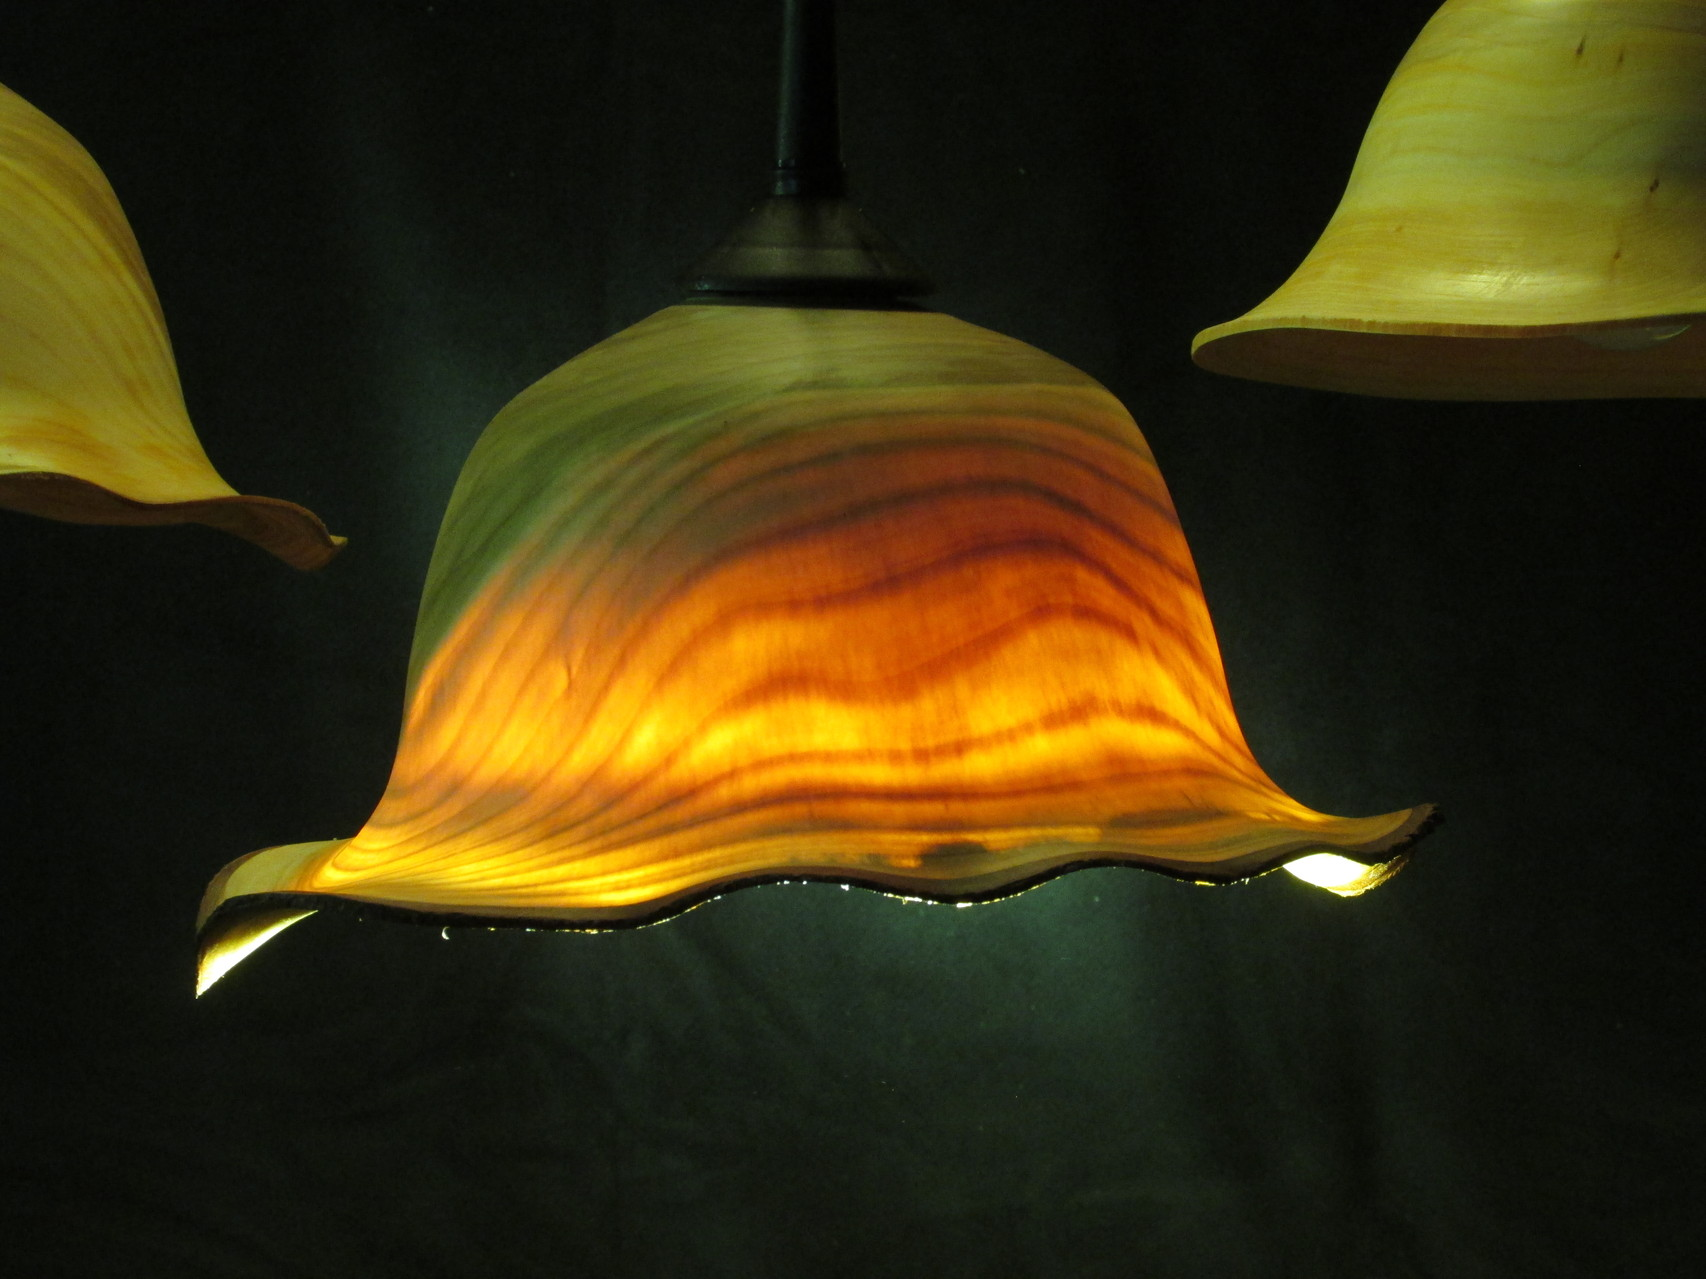 Lampenschirm durchscheinend aus Kirschbaumholz